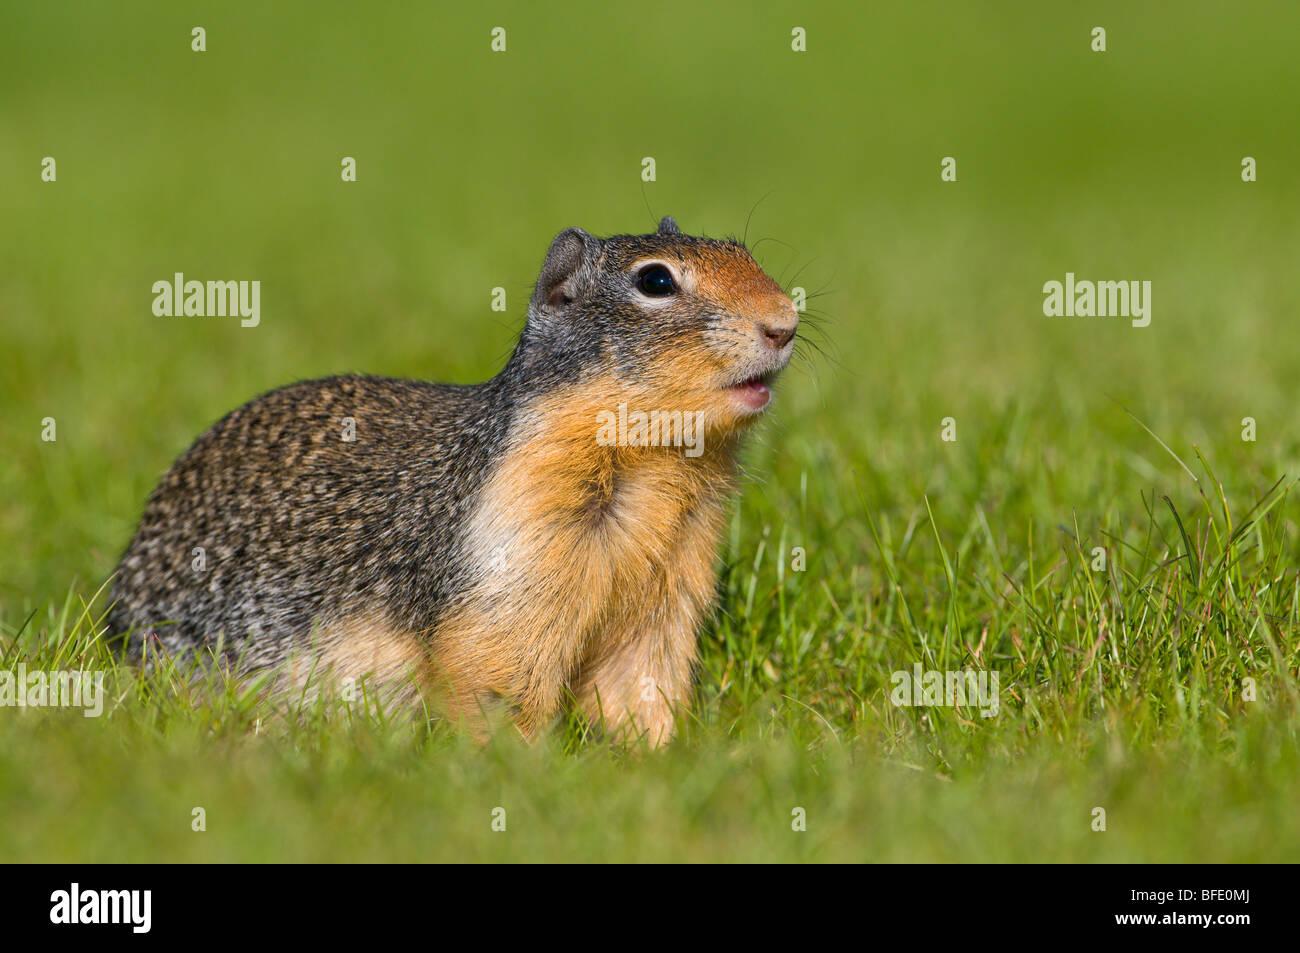 Columbia ground squirrel (Spermophilus columbianus), Manning Provincial Park, British Columbia, Canada Stock Photo